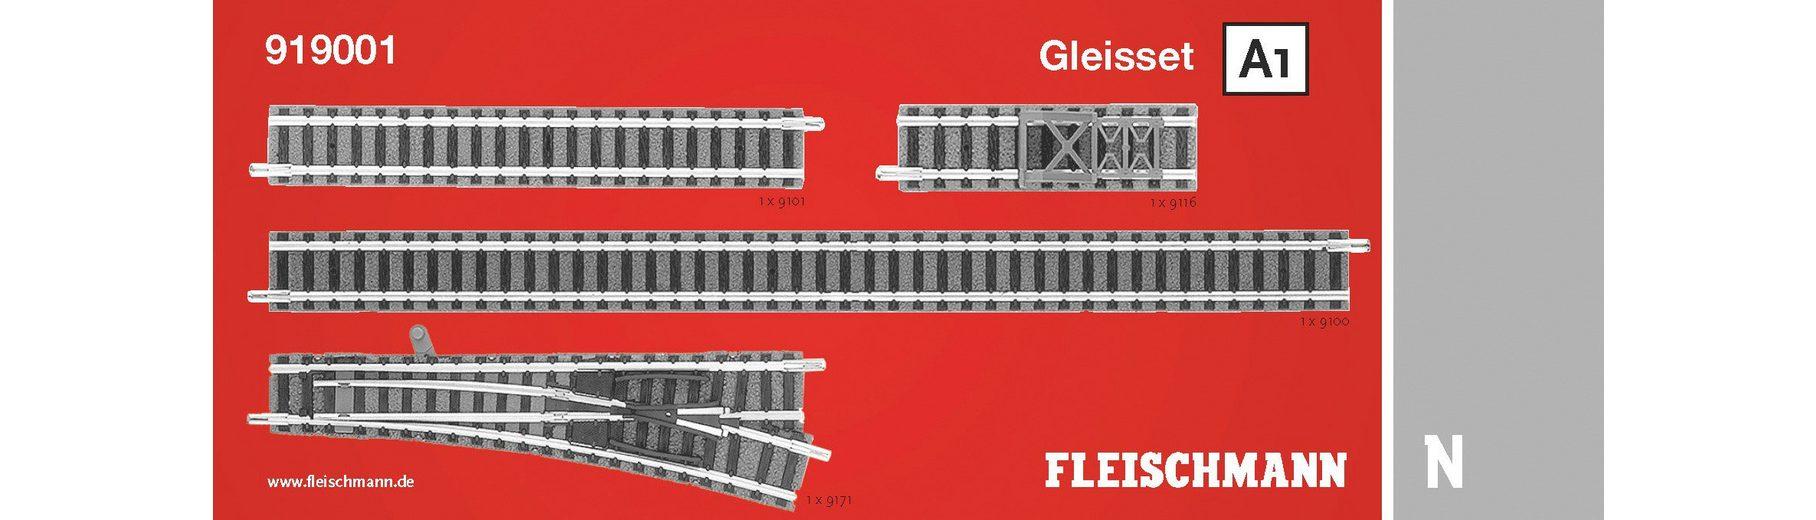 Fleischmann® Digitales Gleisset, Spur N, »A1 - Gleichstrom«